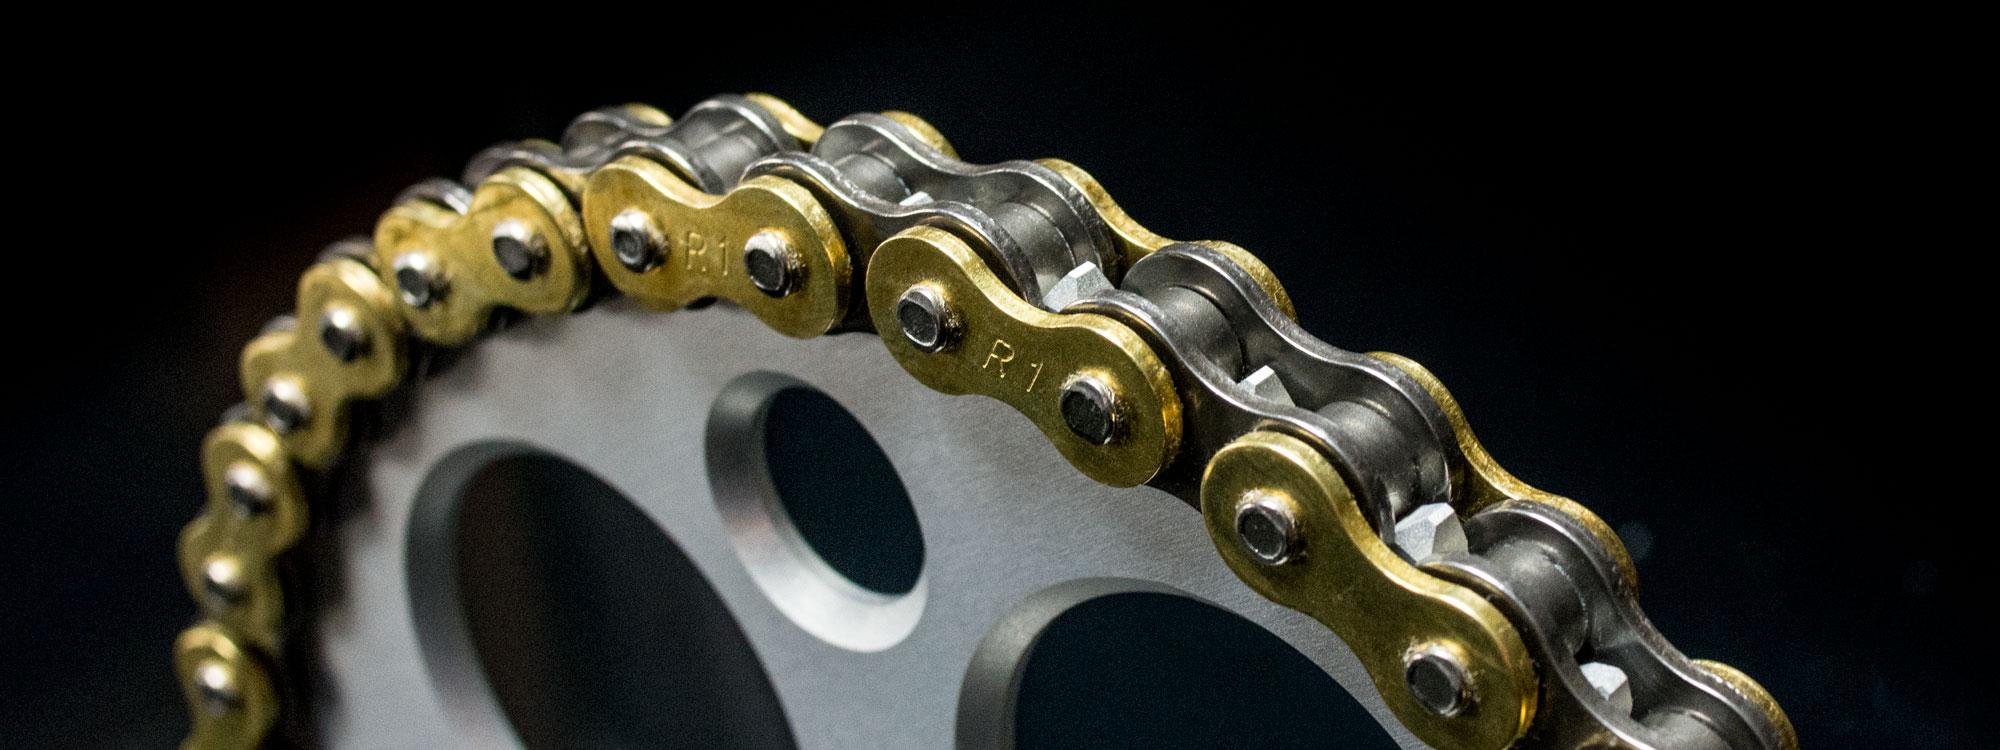 Renthal R1 420 Non O-Ring Chain 120 LI